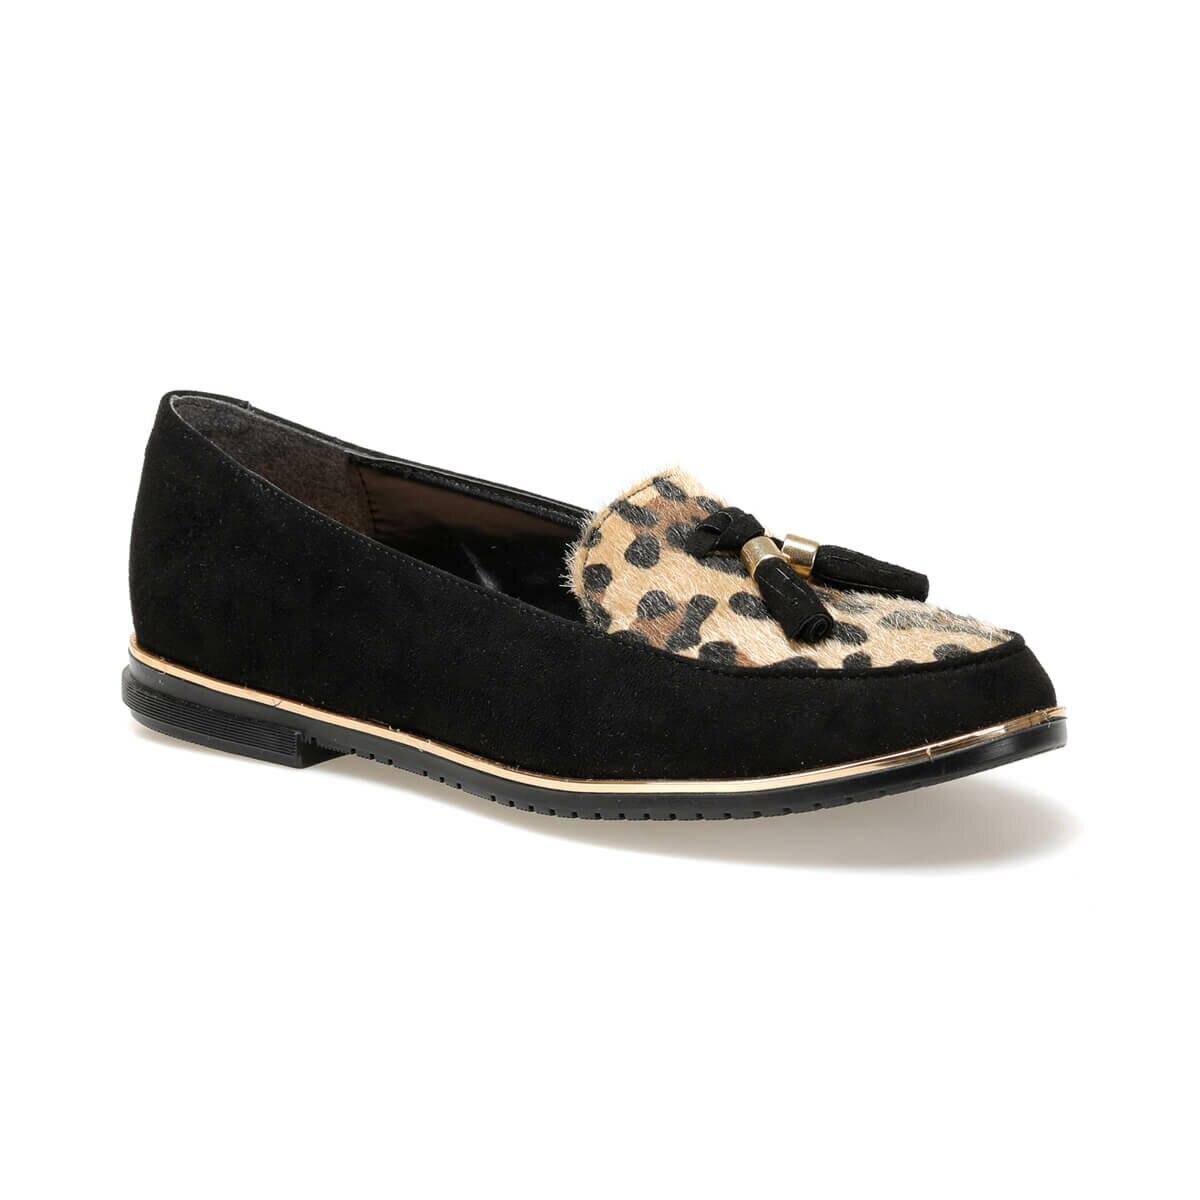 FLO 19K-098 Black Women Loafer Shoes BUTIGO